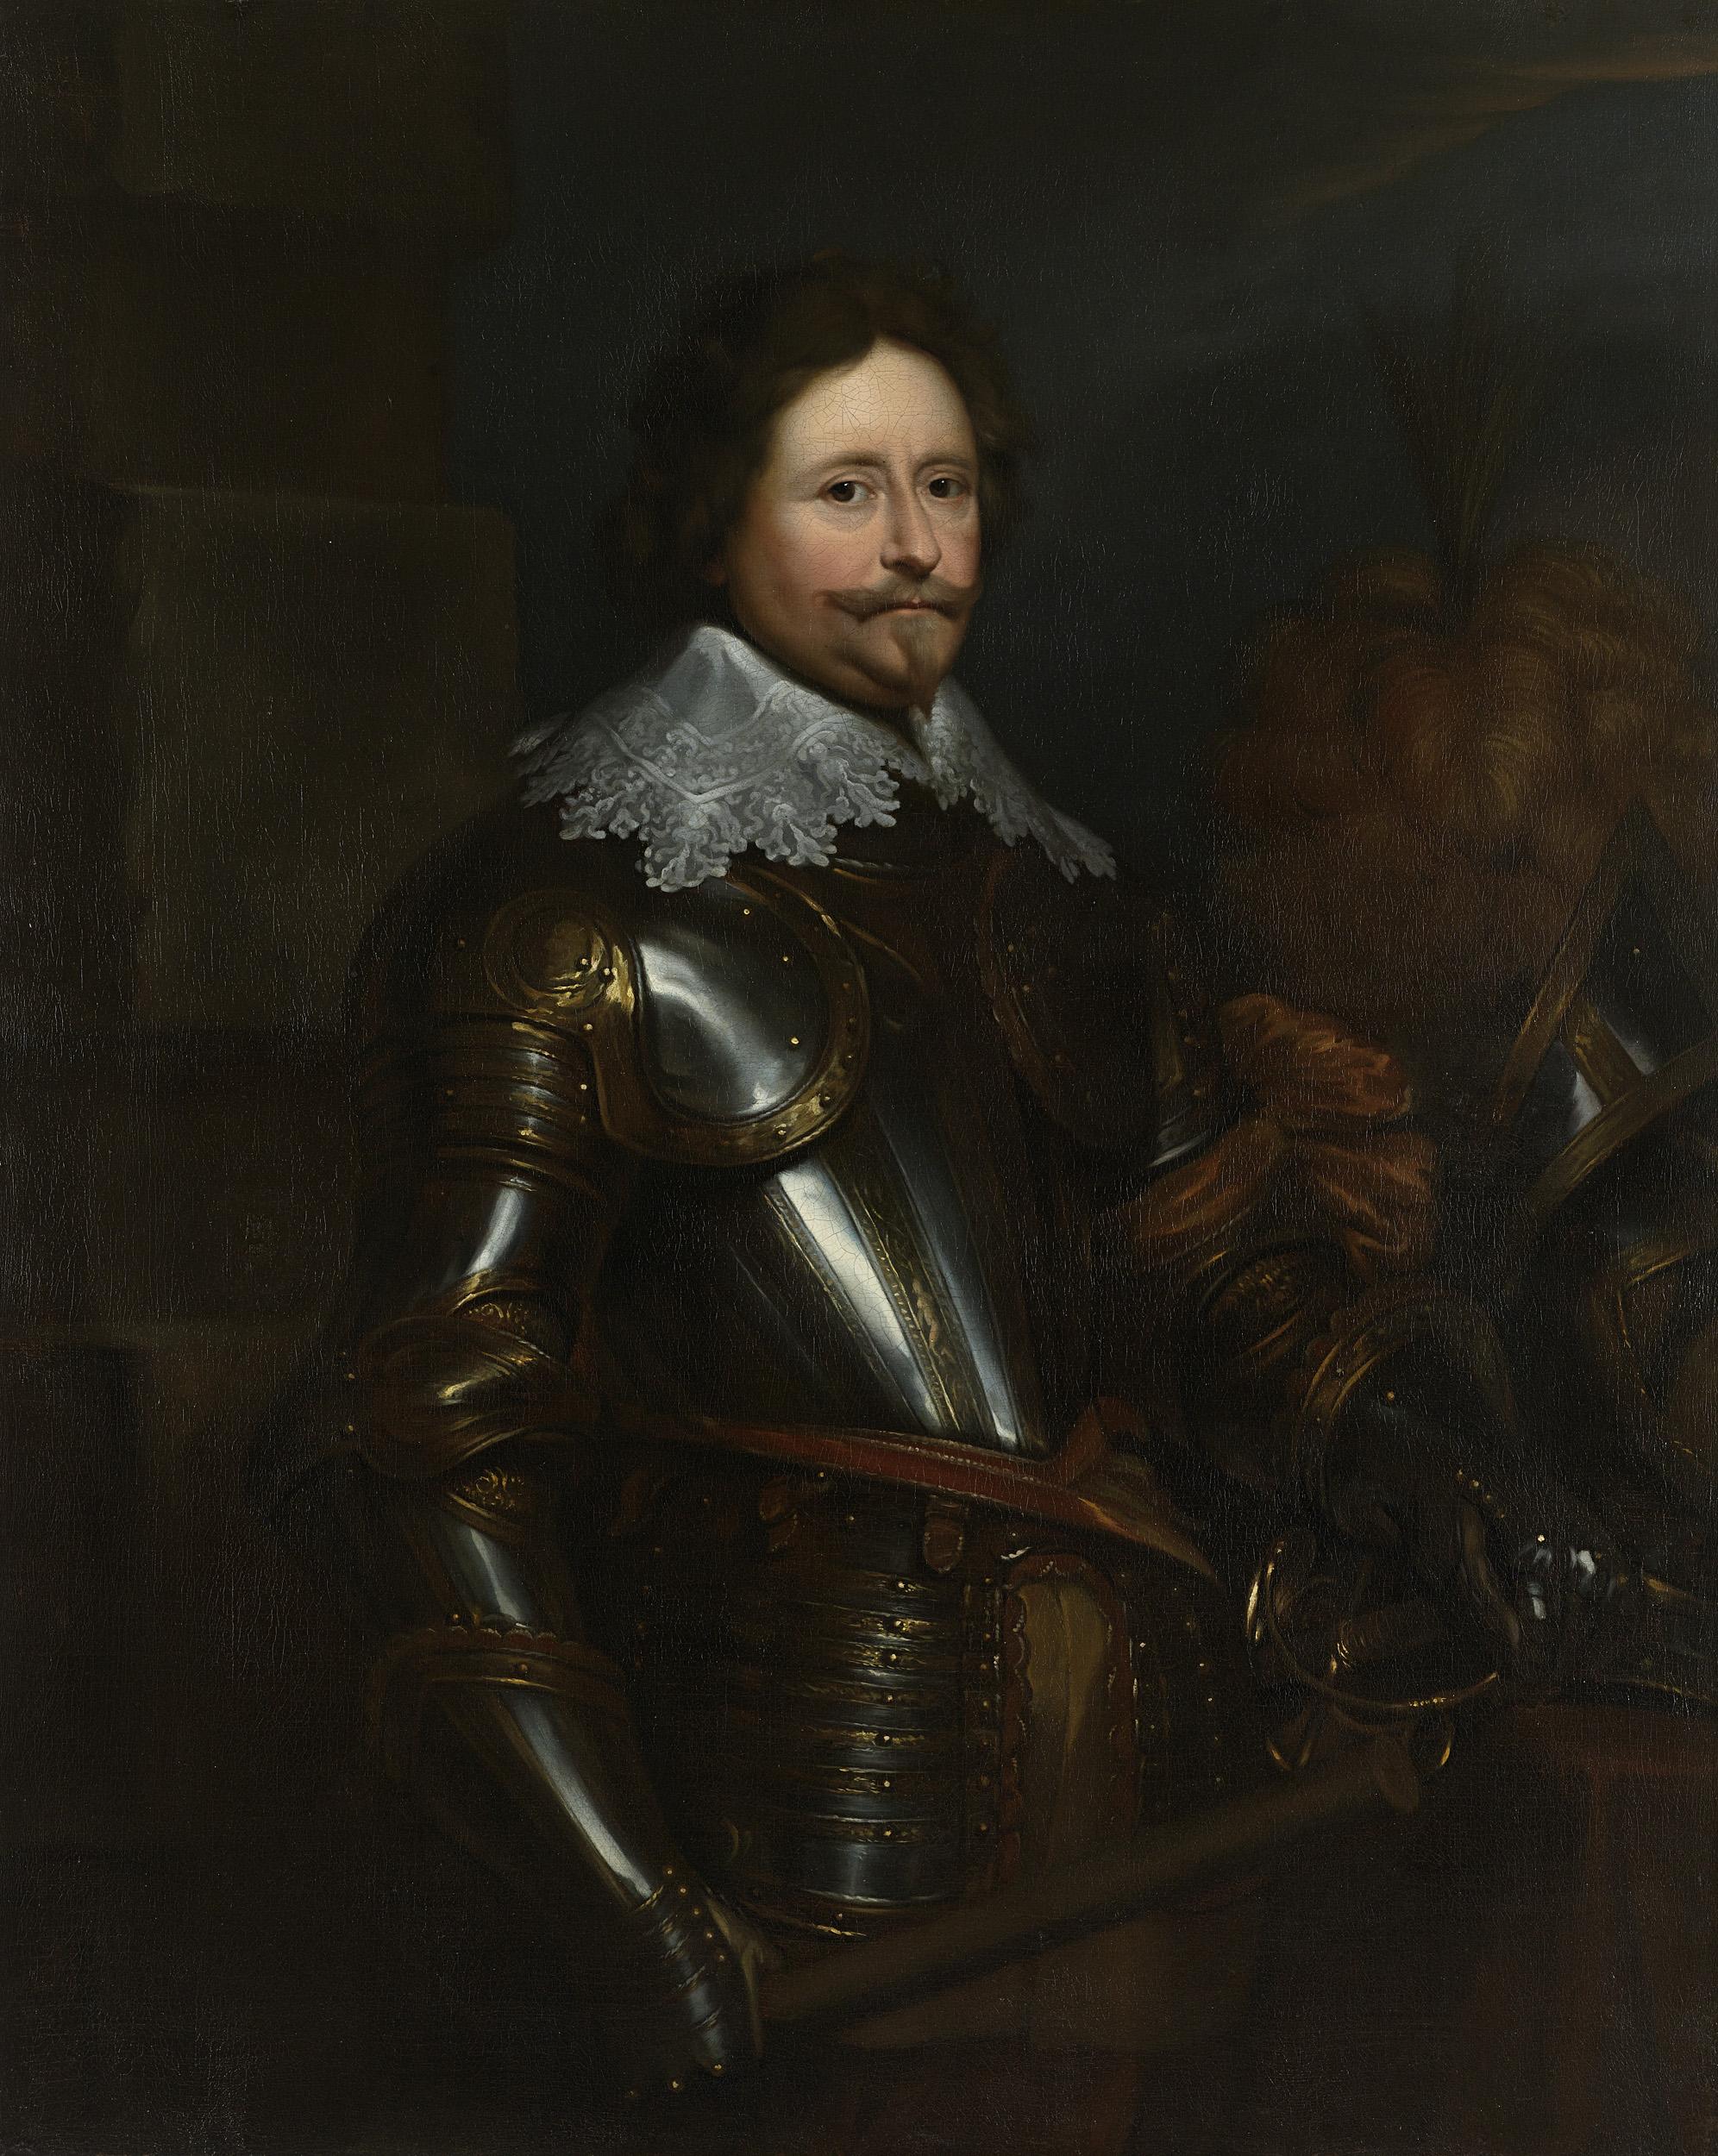 Fileportret Van Frederik Hendrik 1584 1647 Prins Van